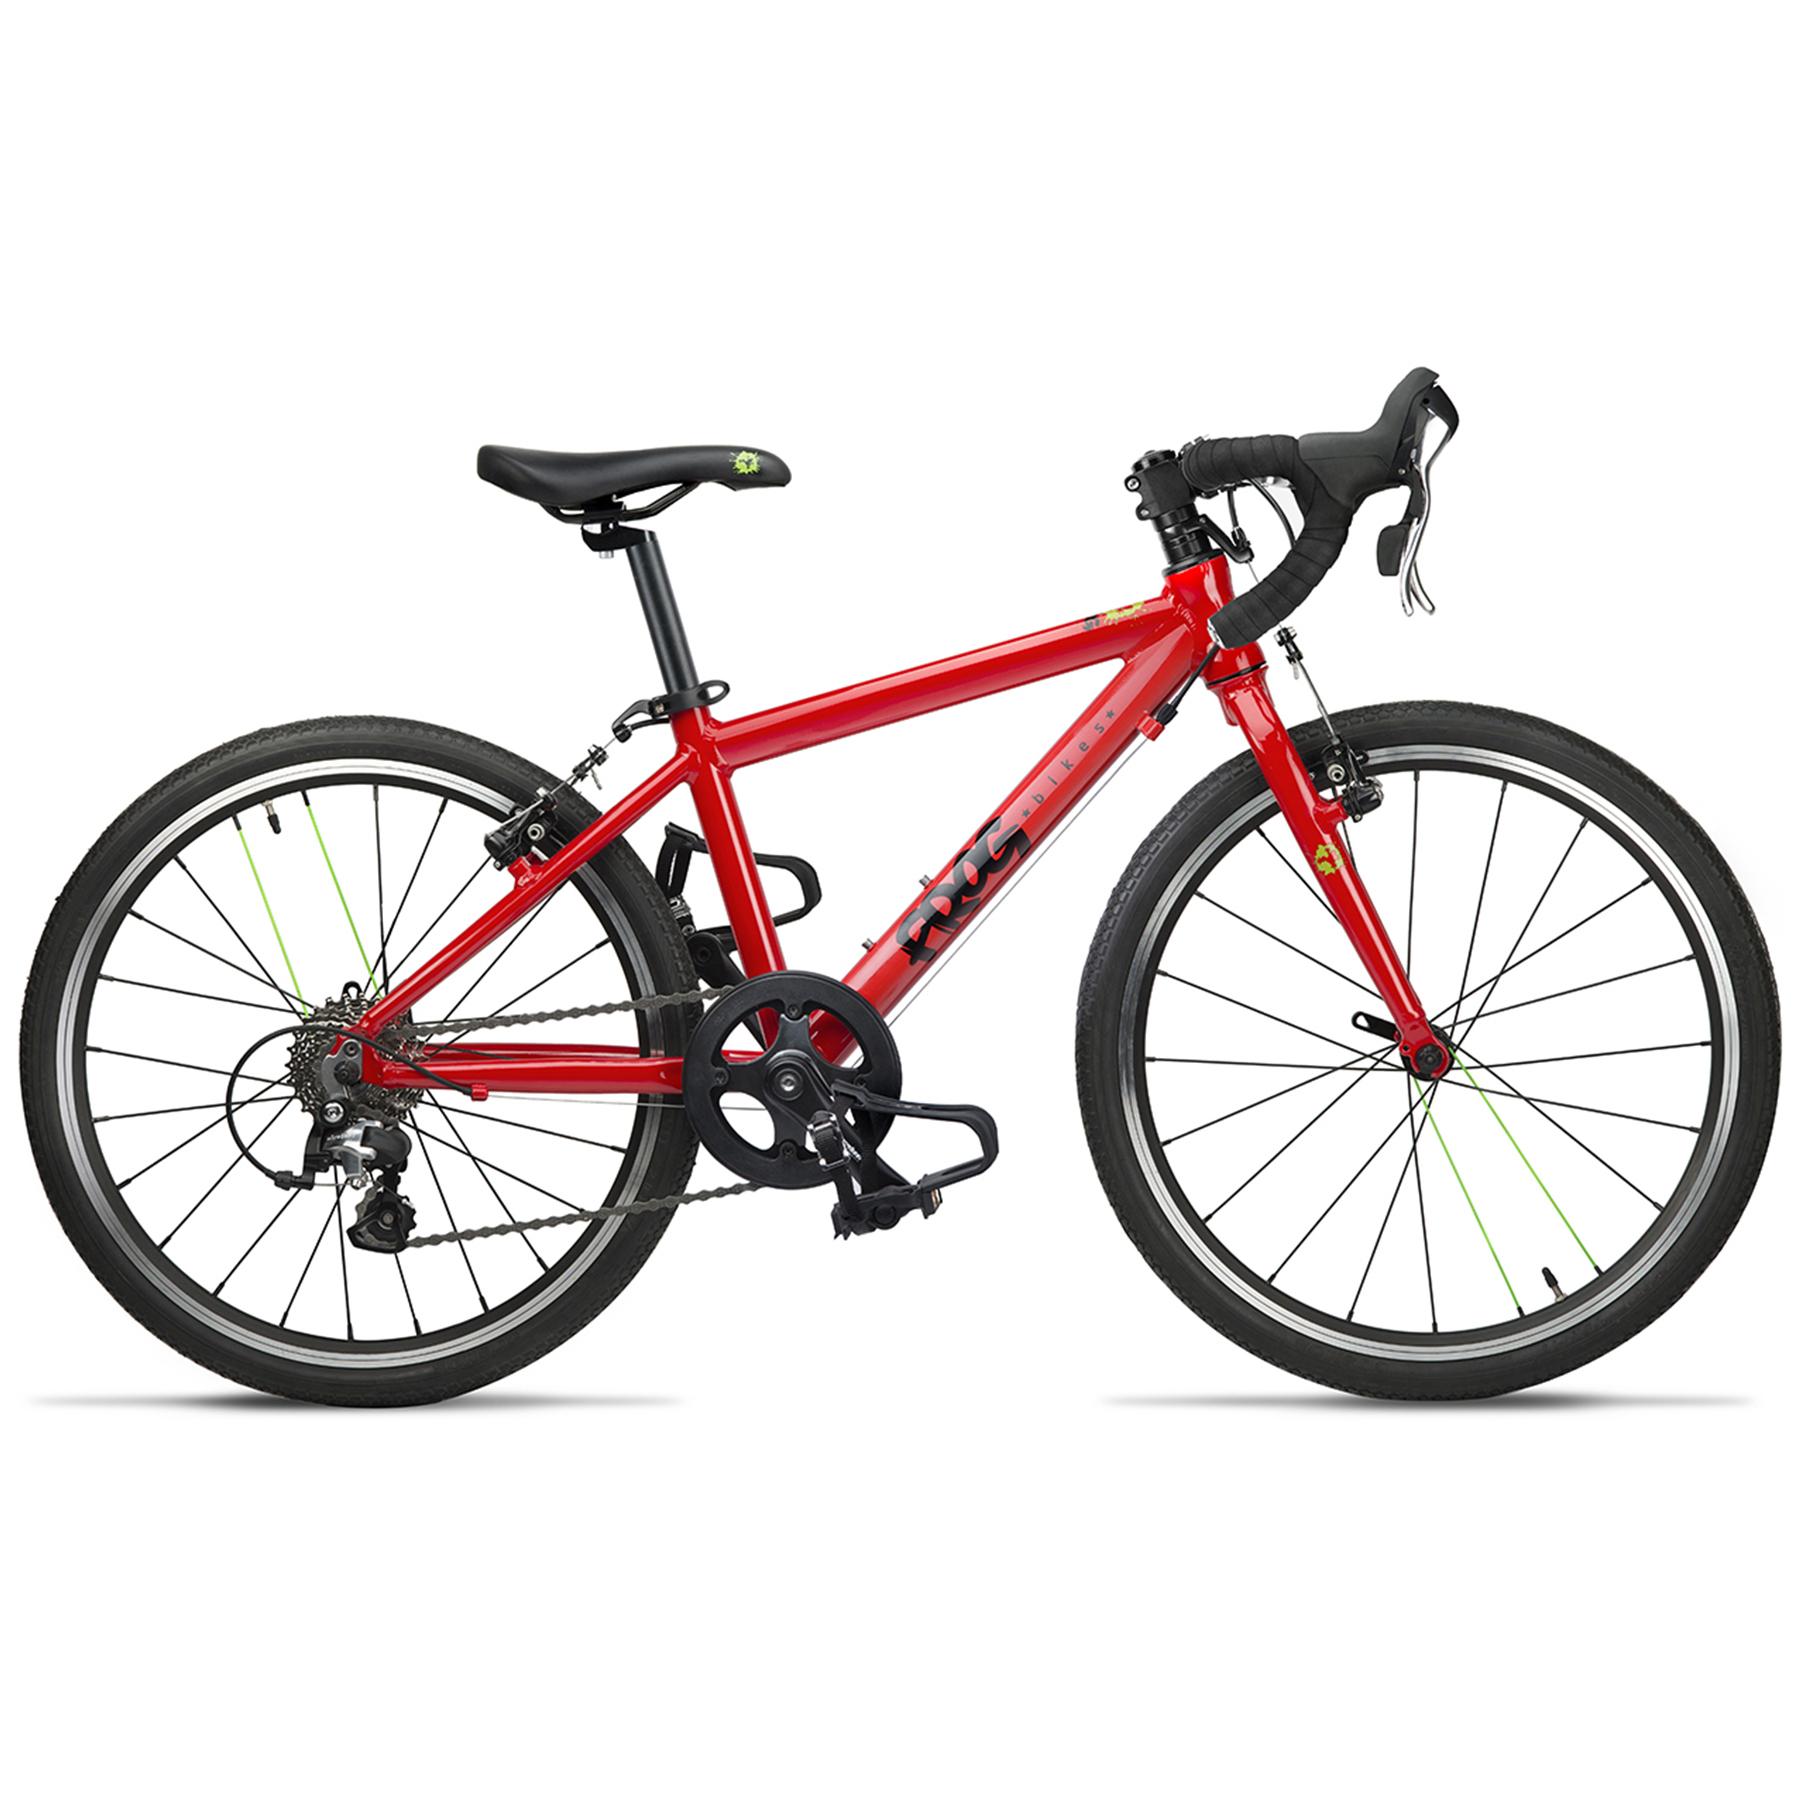 Frog 58 Kids Road Bike £318.99 @ Merlin Cycles